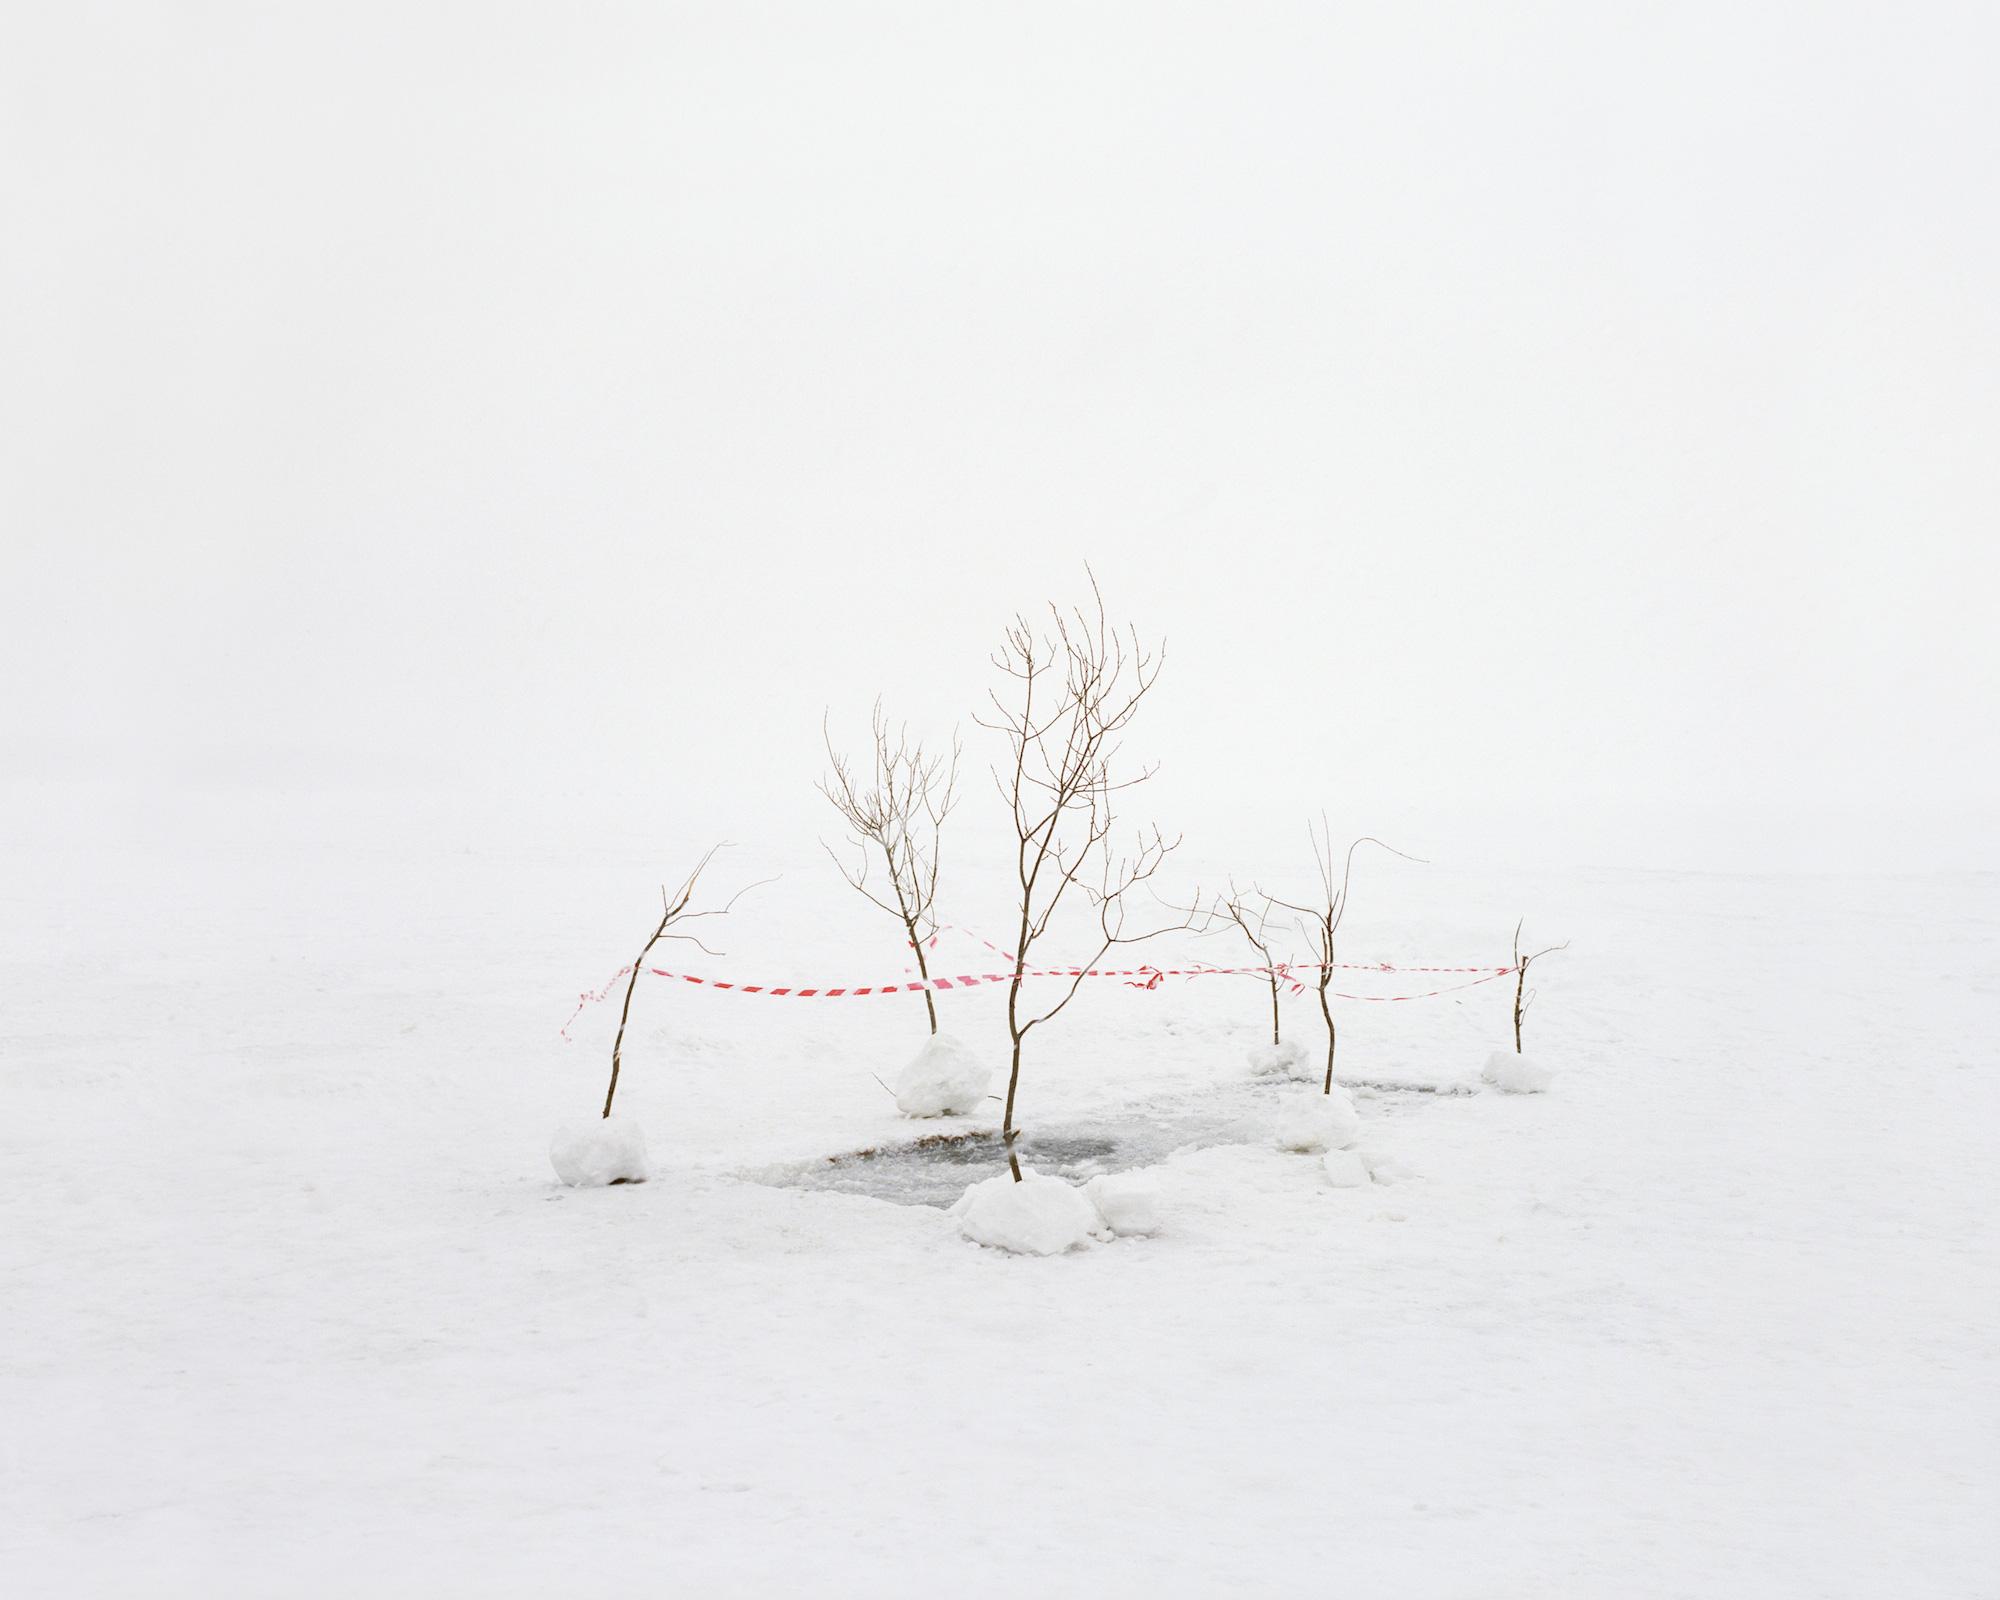 Test auf Wasserkontaminierung in einem See bei Osjorsk (früher Tscheljabinsk-40). Im Jahr 1957 kam es hier zum ersten Kernkraftunfall; er wurde etwa 30 Jahre lang geheimgehalten. Die Stadt ist umgeben von Seen, die bis heute radioaktiv kontaminiert sind